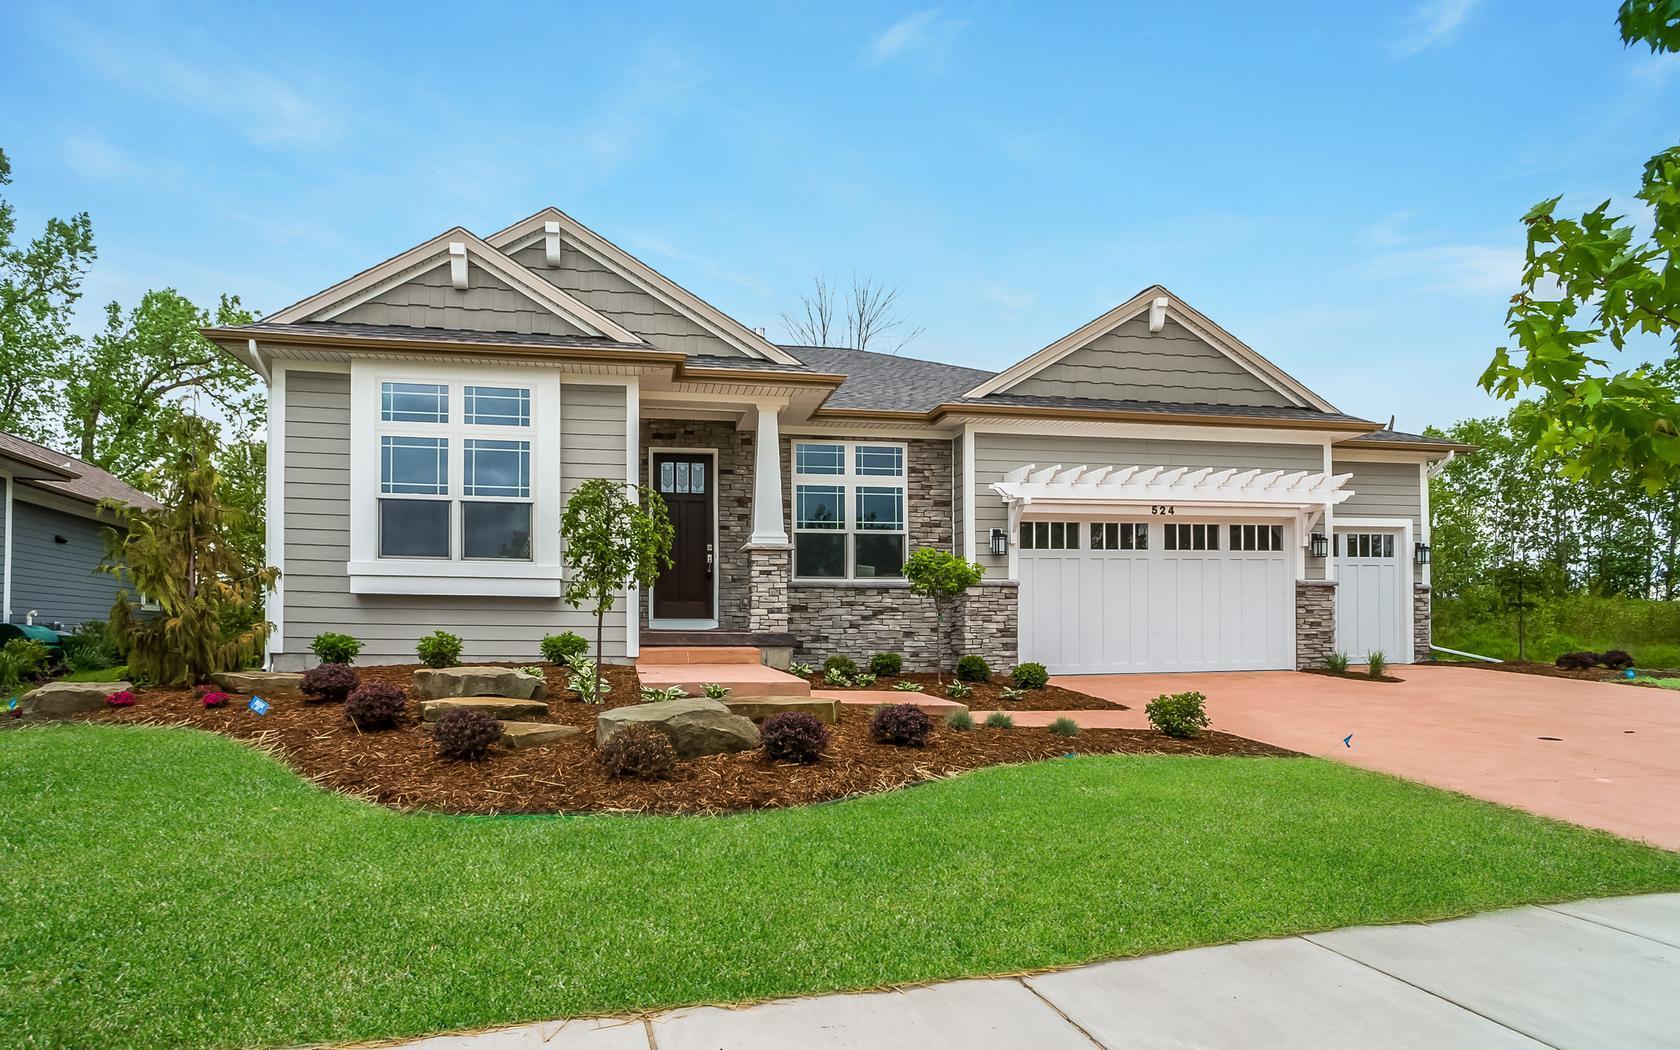 Eagle Eye Luxury Single Family Homes:Eagle Eye Luxury Single Family Homes